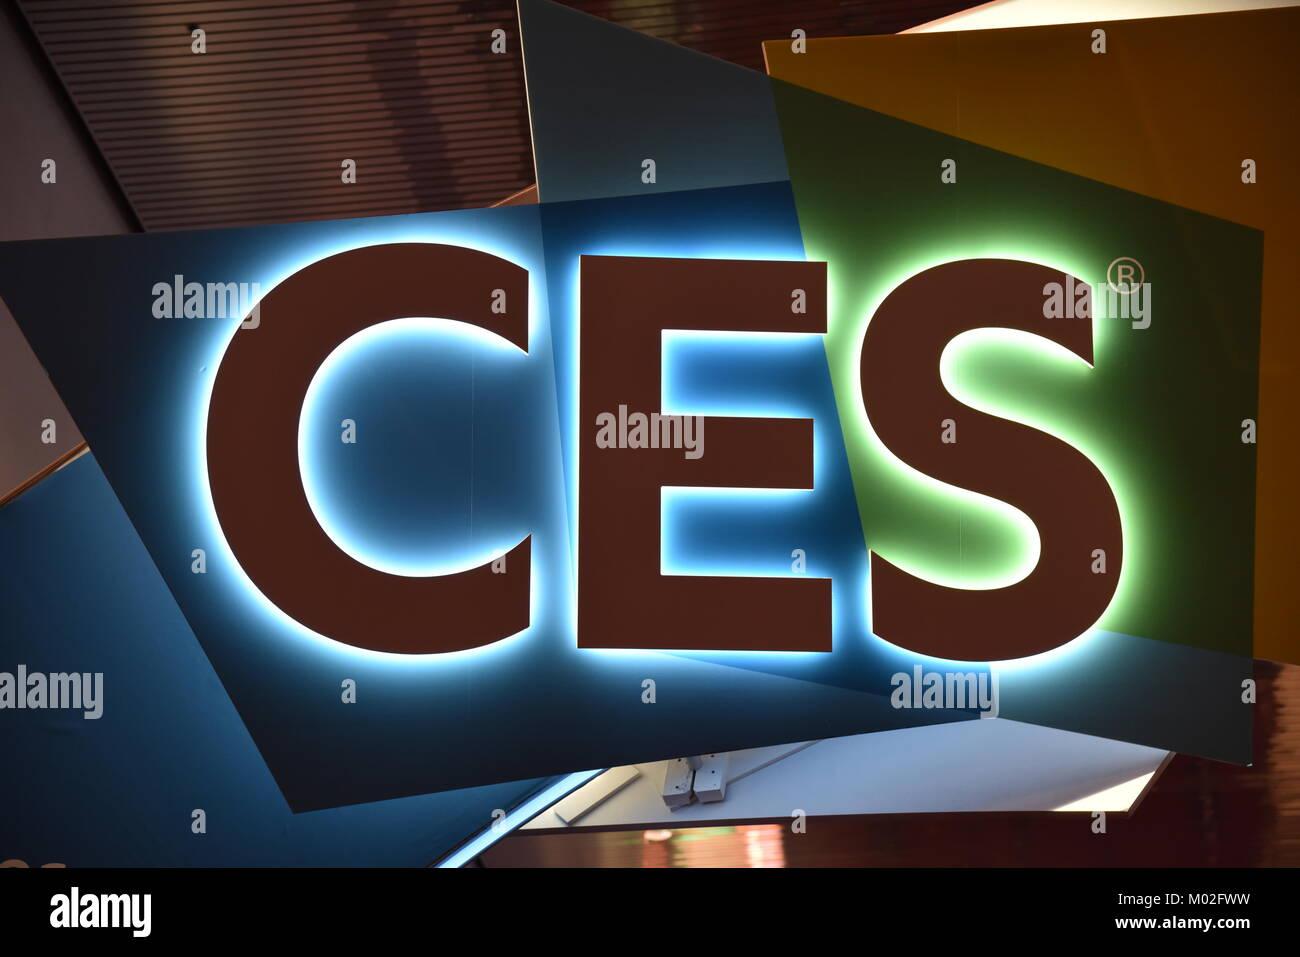 Logo éclairé de CES (Consumer Electronics Show), la plus grande exposition mondiale organisée par l'Association de la technologie grand public, à Las Vegas, NV Banque D'Images